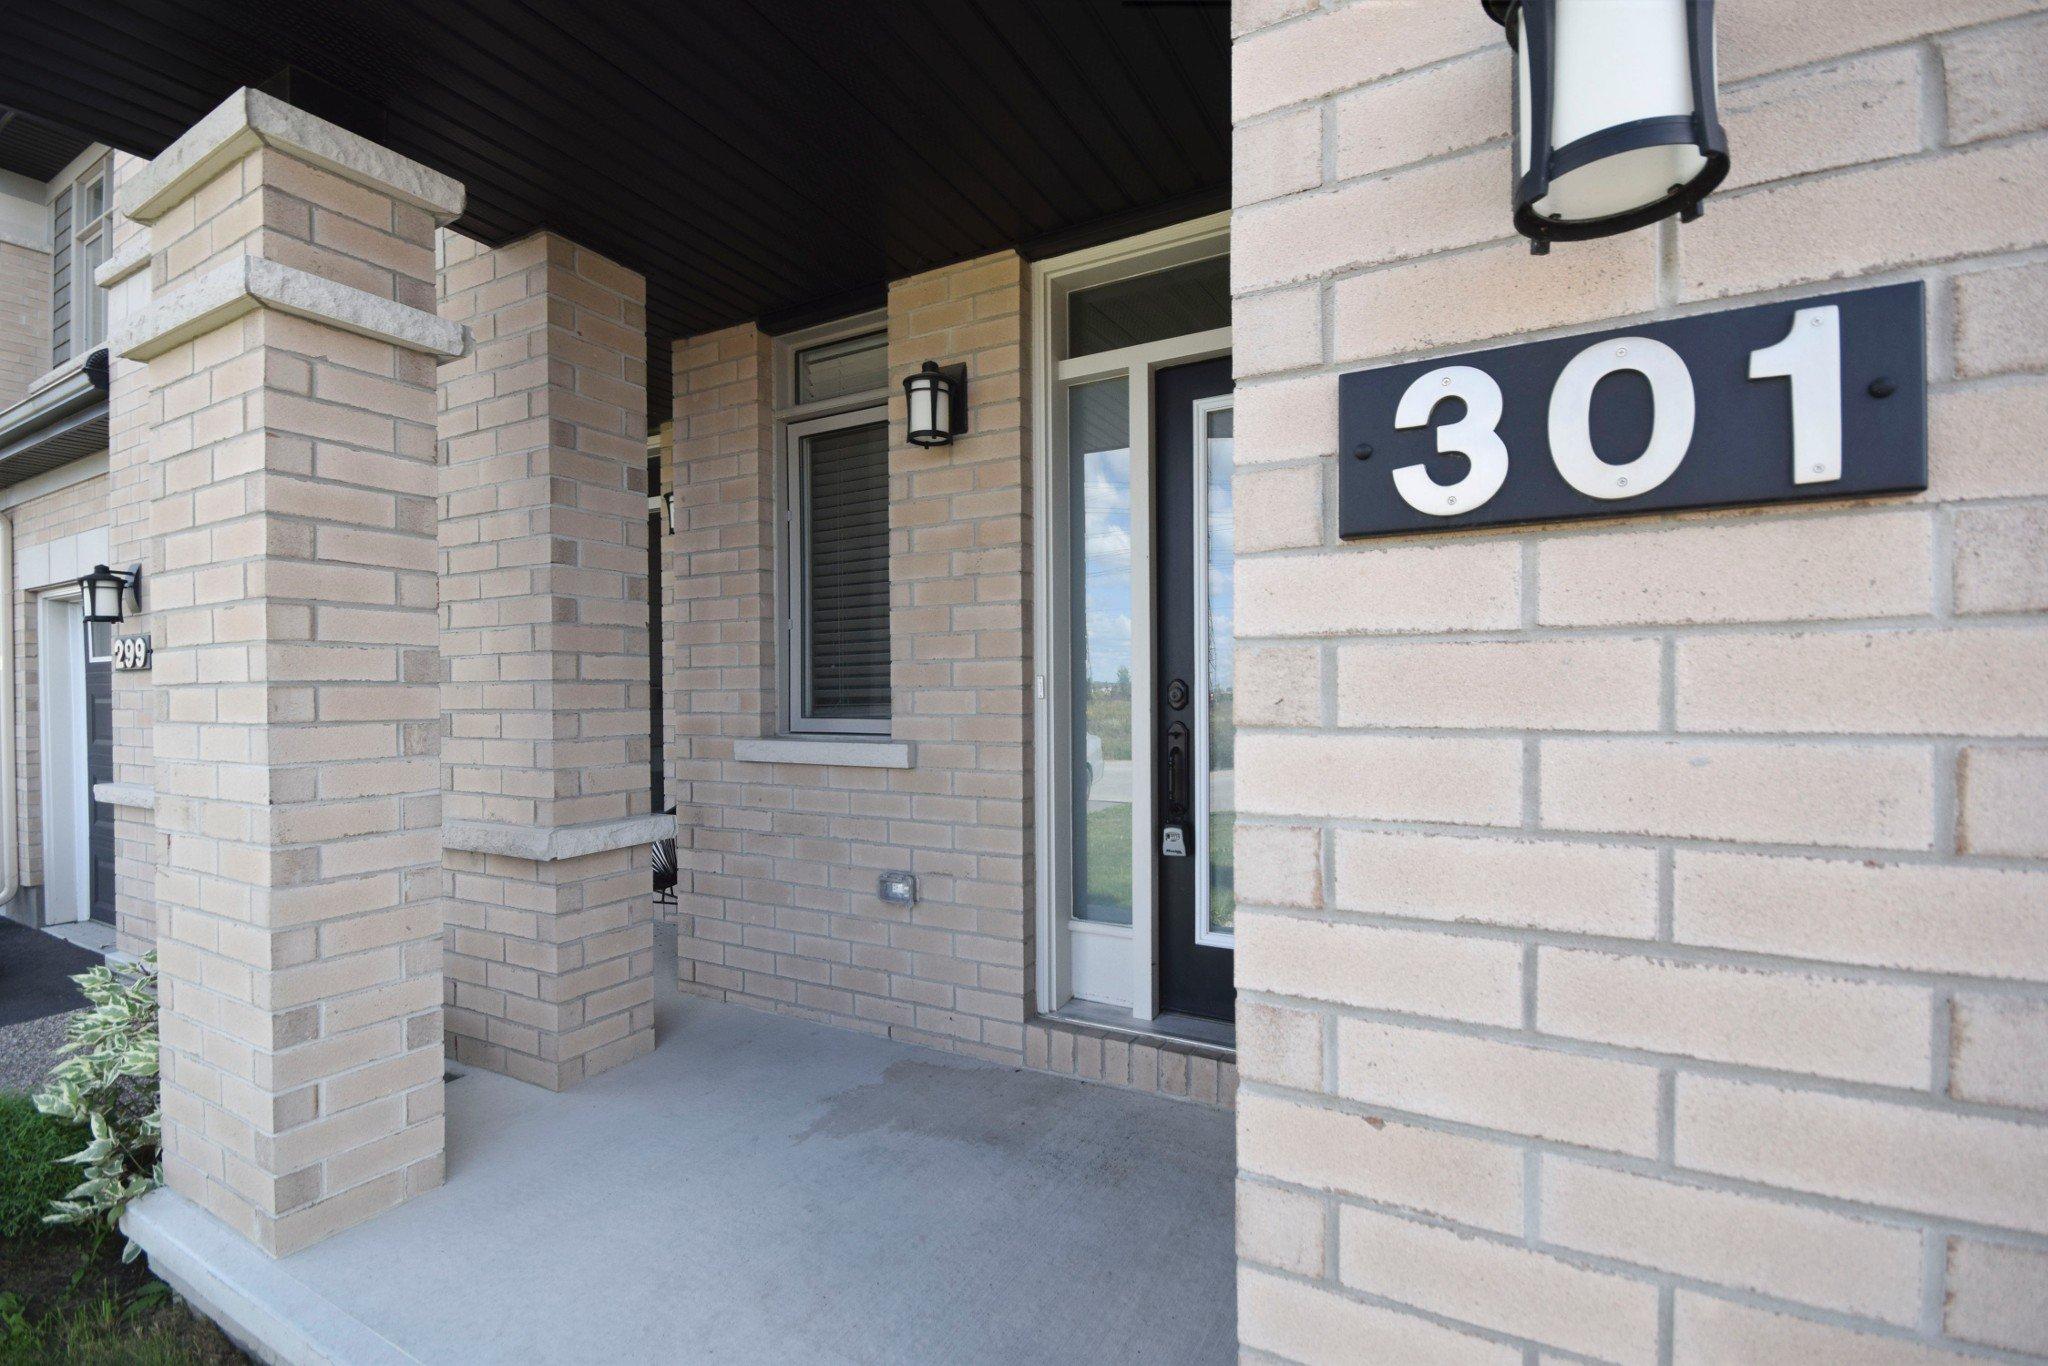 Photo 6: Photos: 301 Livery Street Stittsville Ottawa ON 255